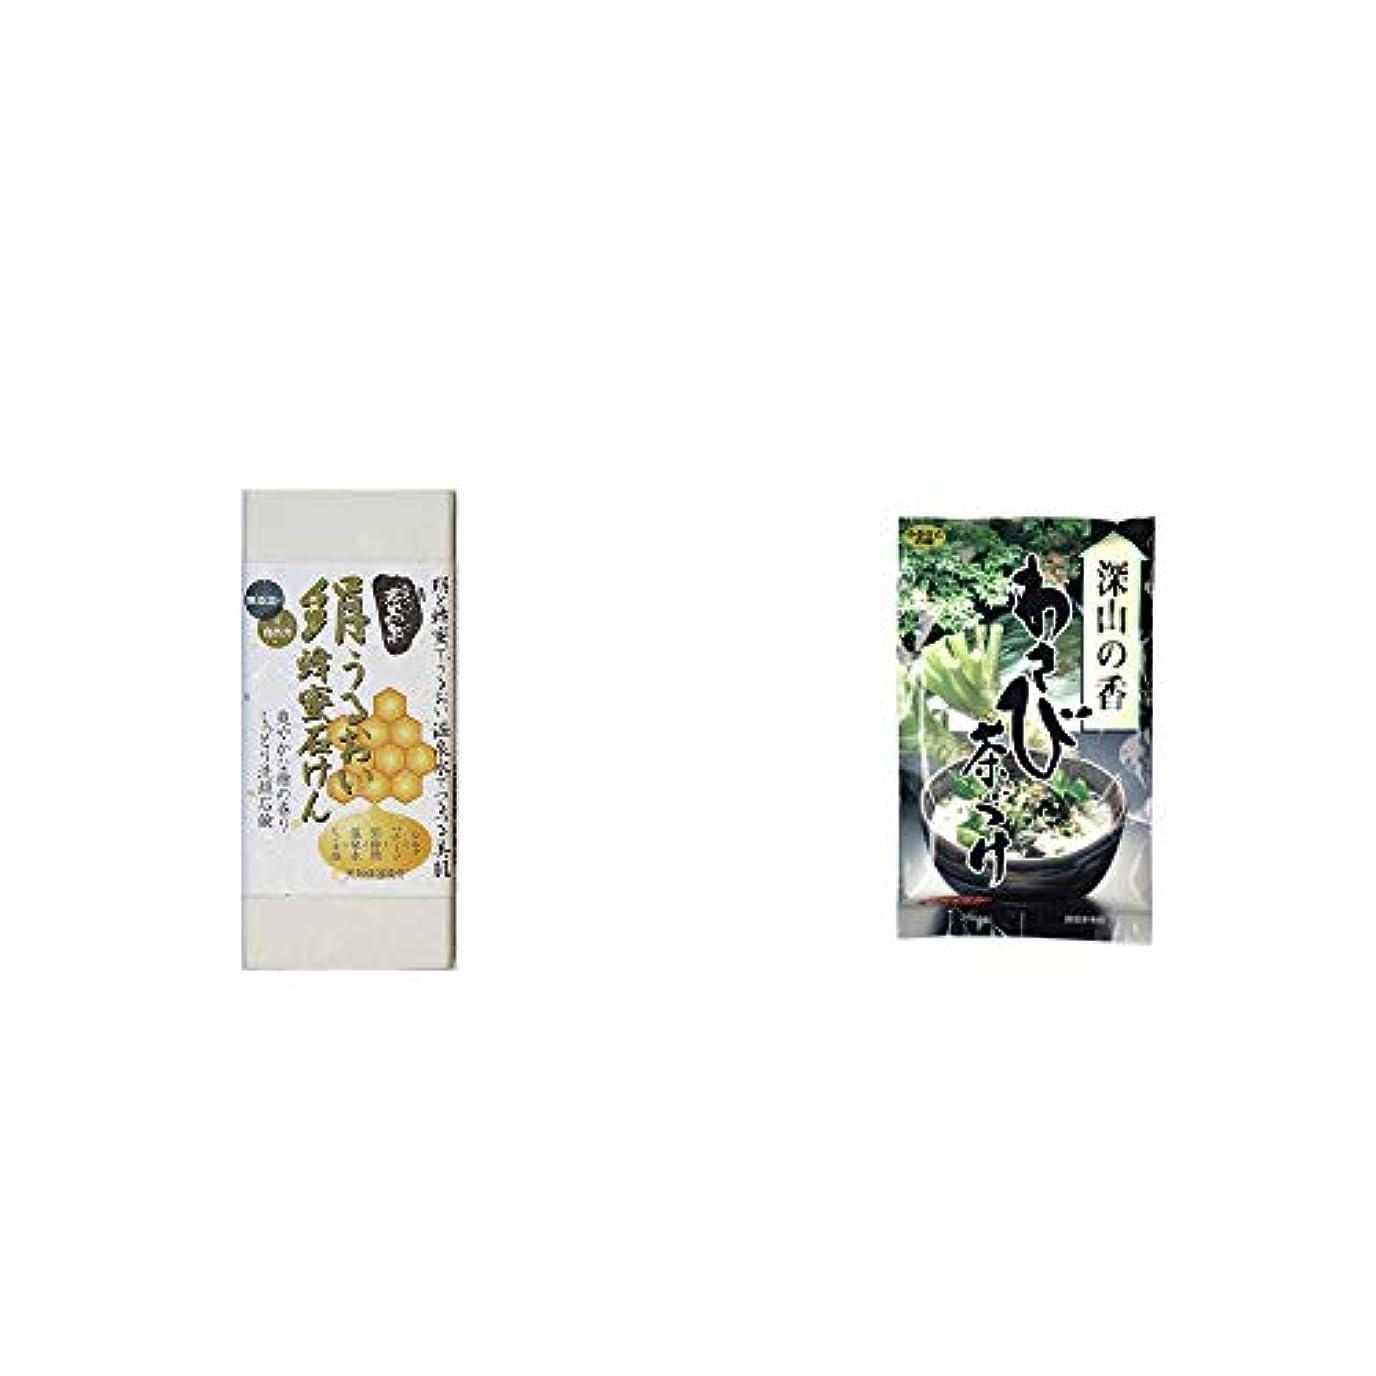 描写モニターに慣れ[2点セット] ひのき炭黒泉 絹うるおい蜂蜜石けん(75g×2)?特選茶漬け 深山の香 わさび茶づけ(10袋入)